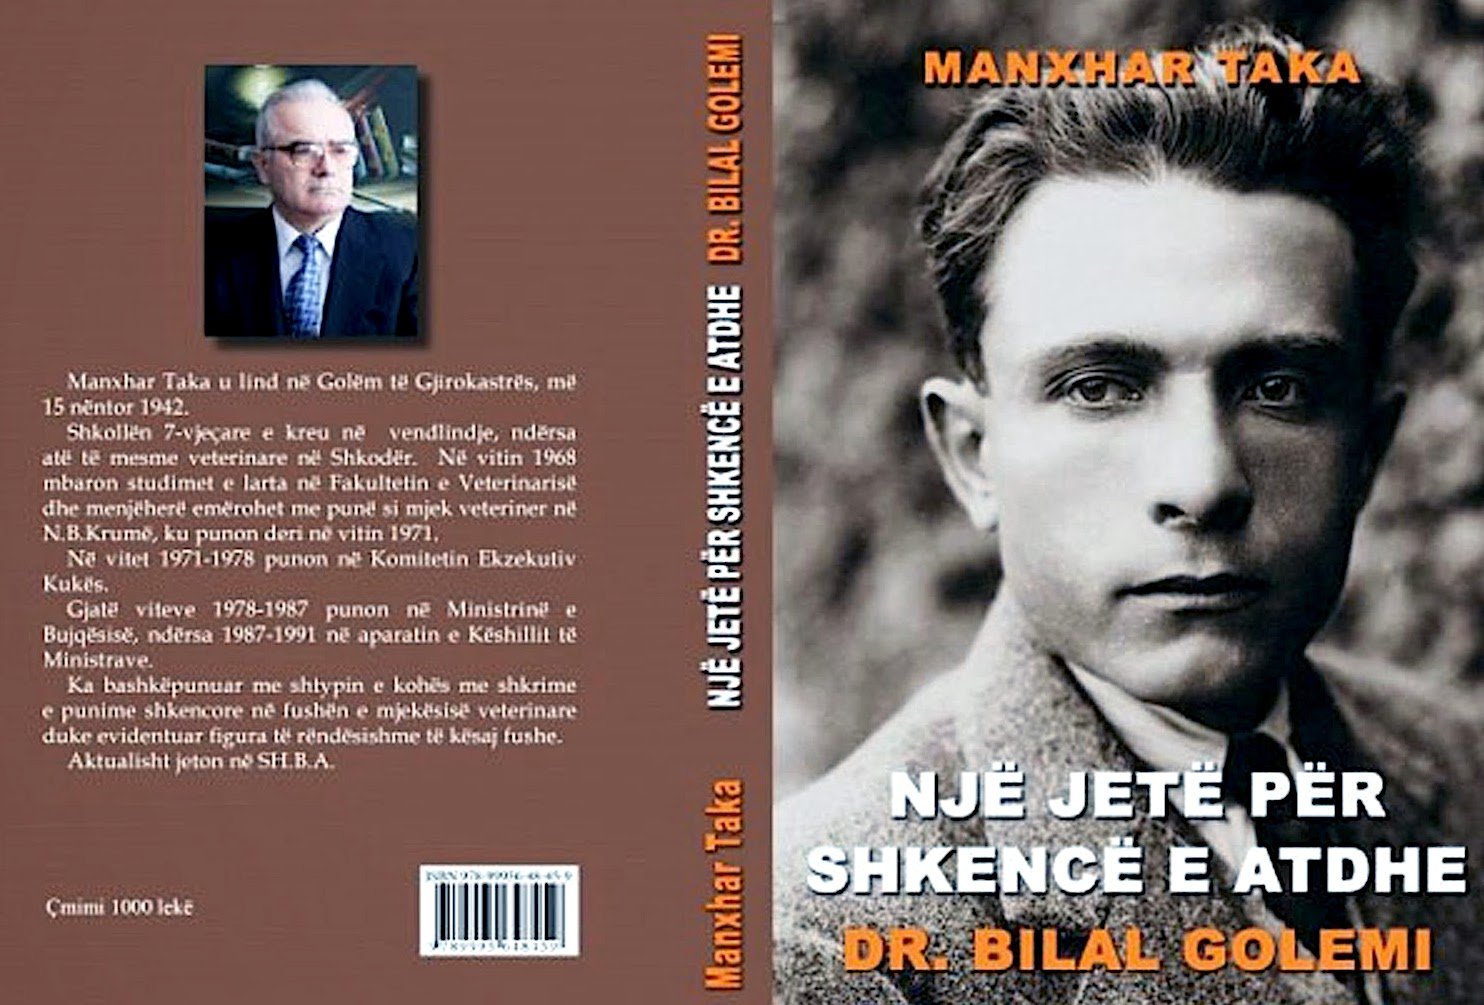 Dr. Bilal Golemi - Nje jete per shkence e Atdhe